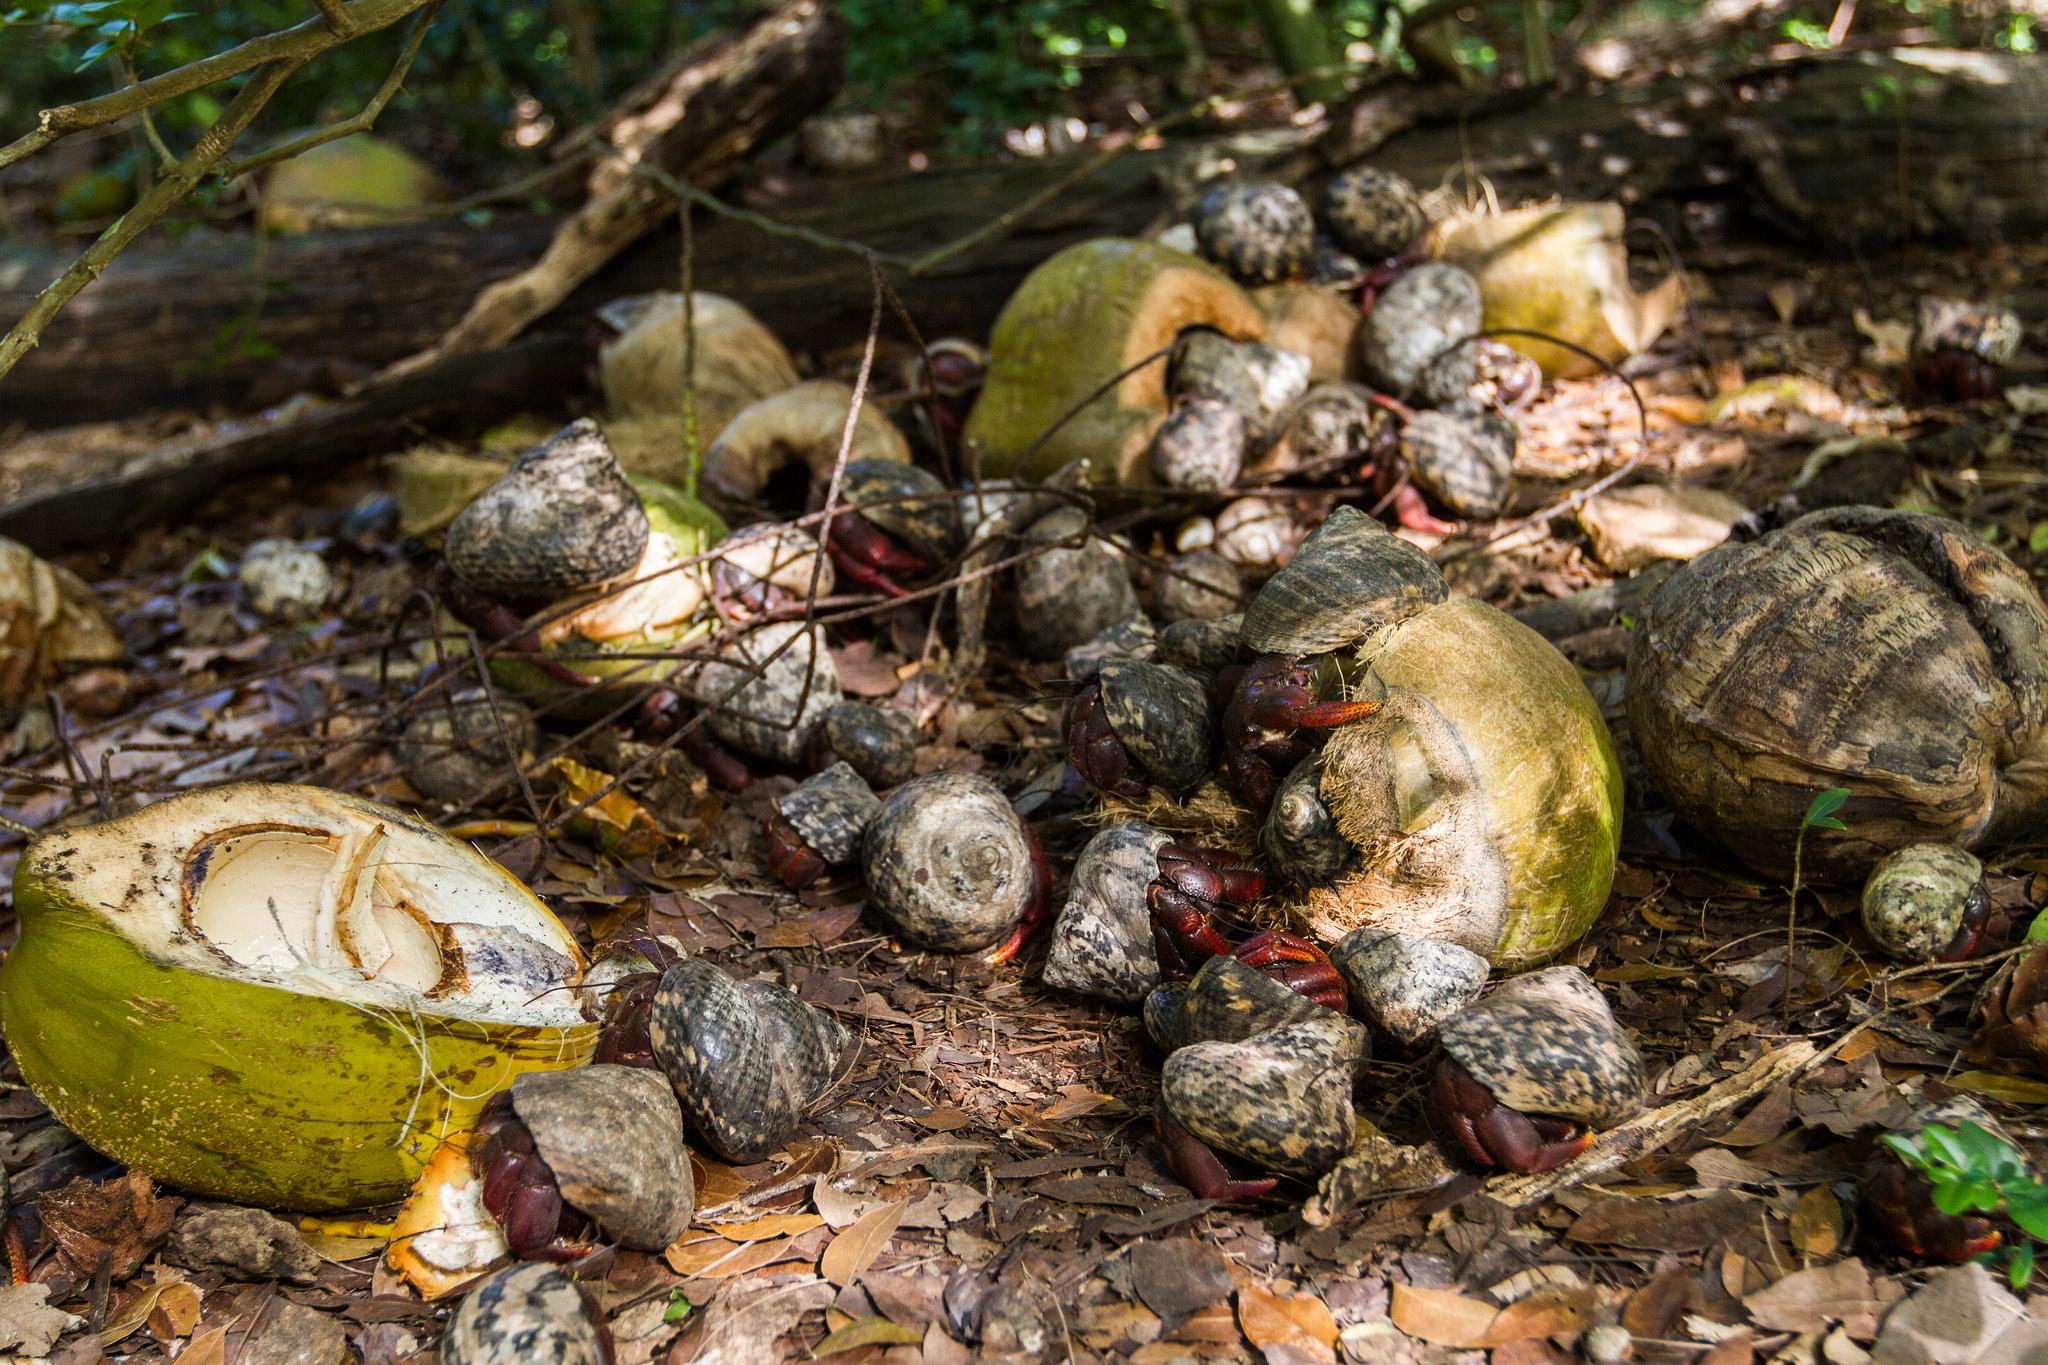 Island Conservation Hermit Crabs